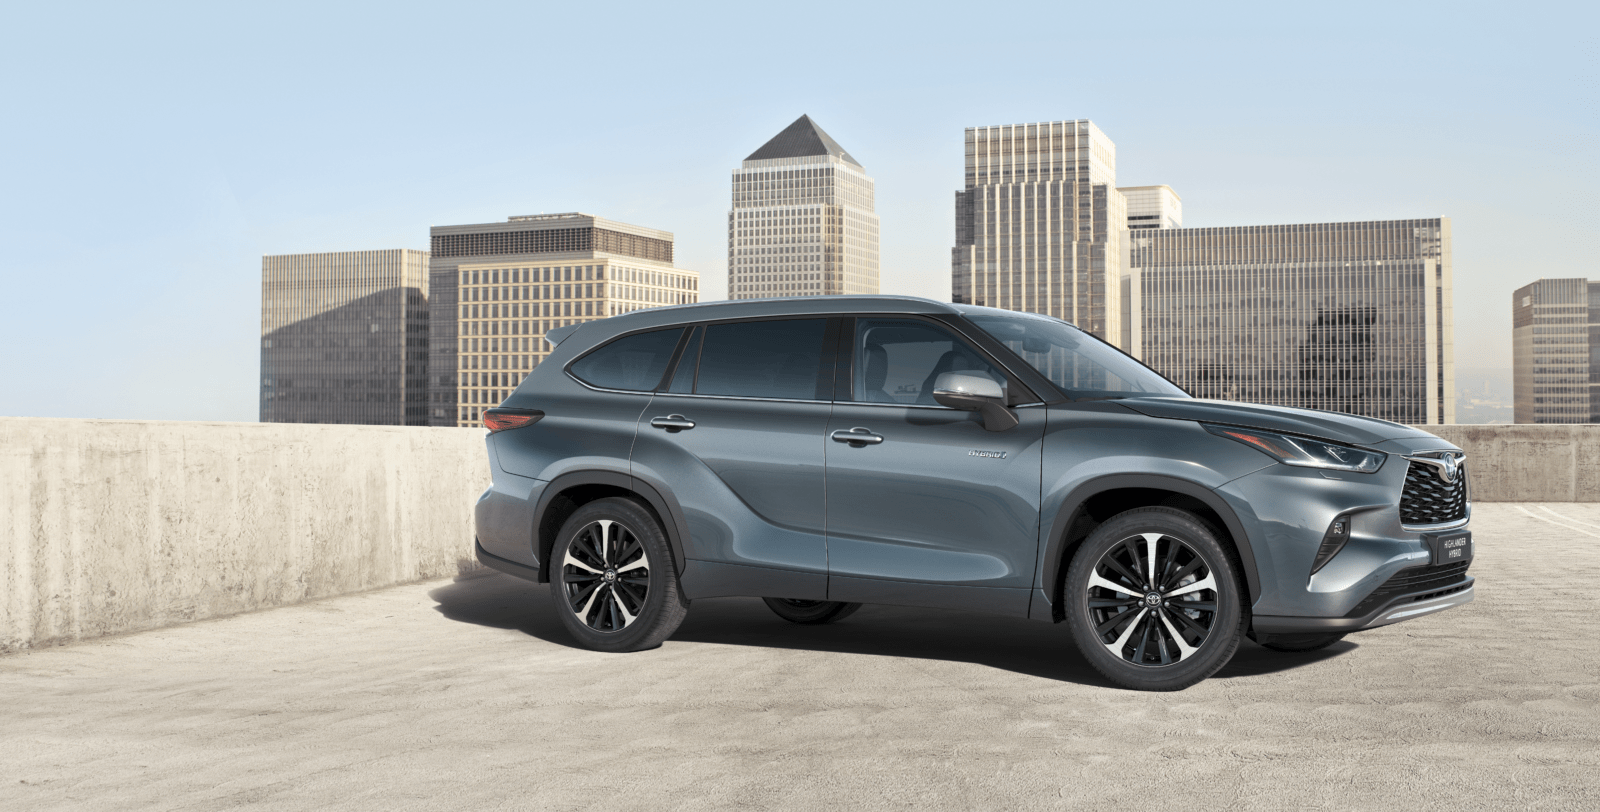 Toyota Highlander - nowoczesny SUV